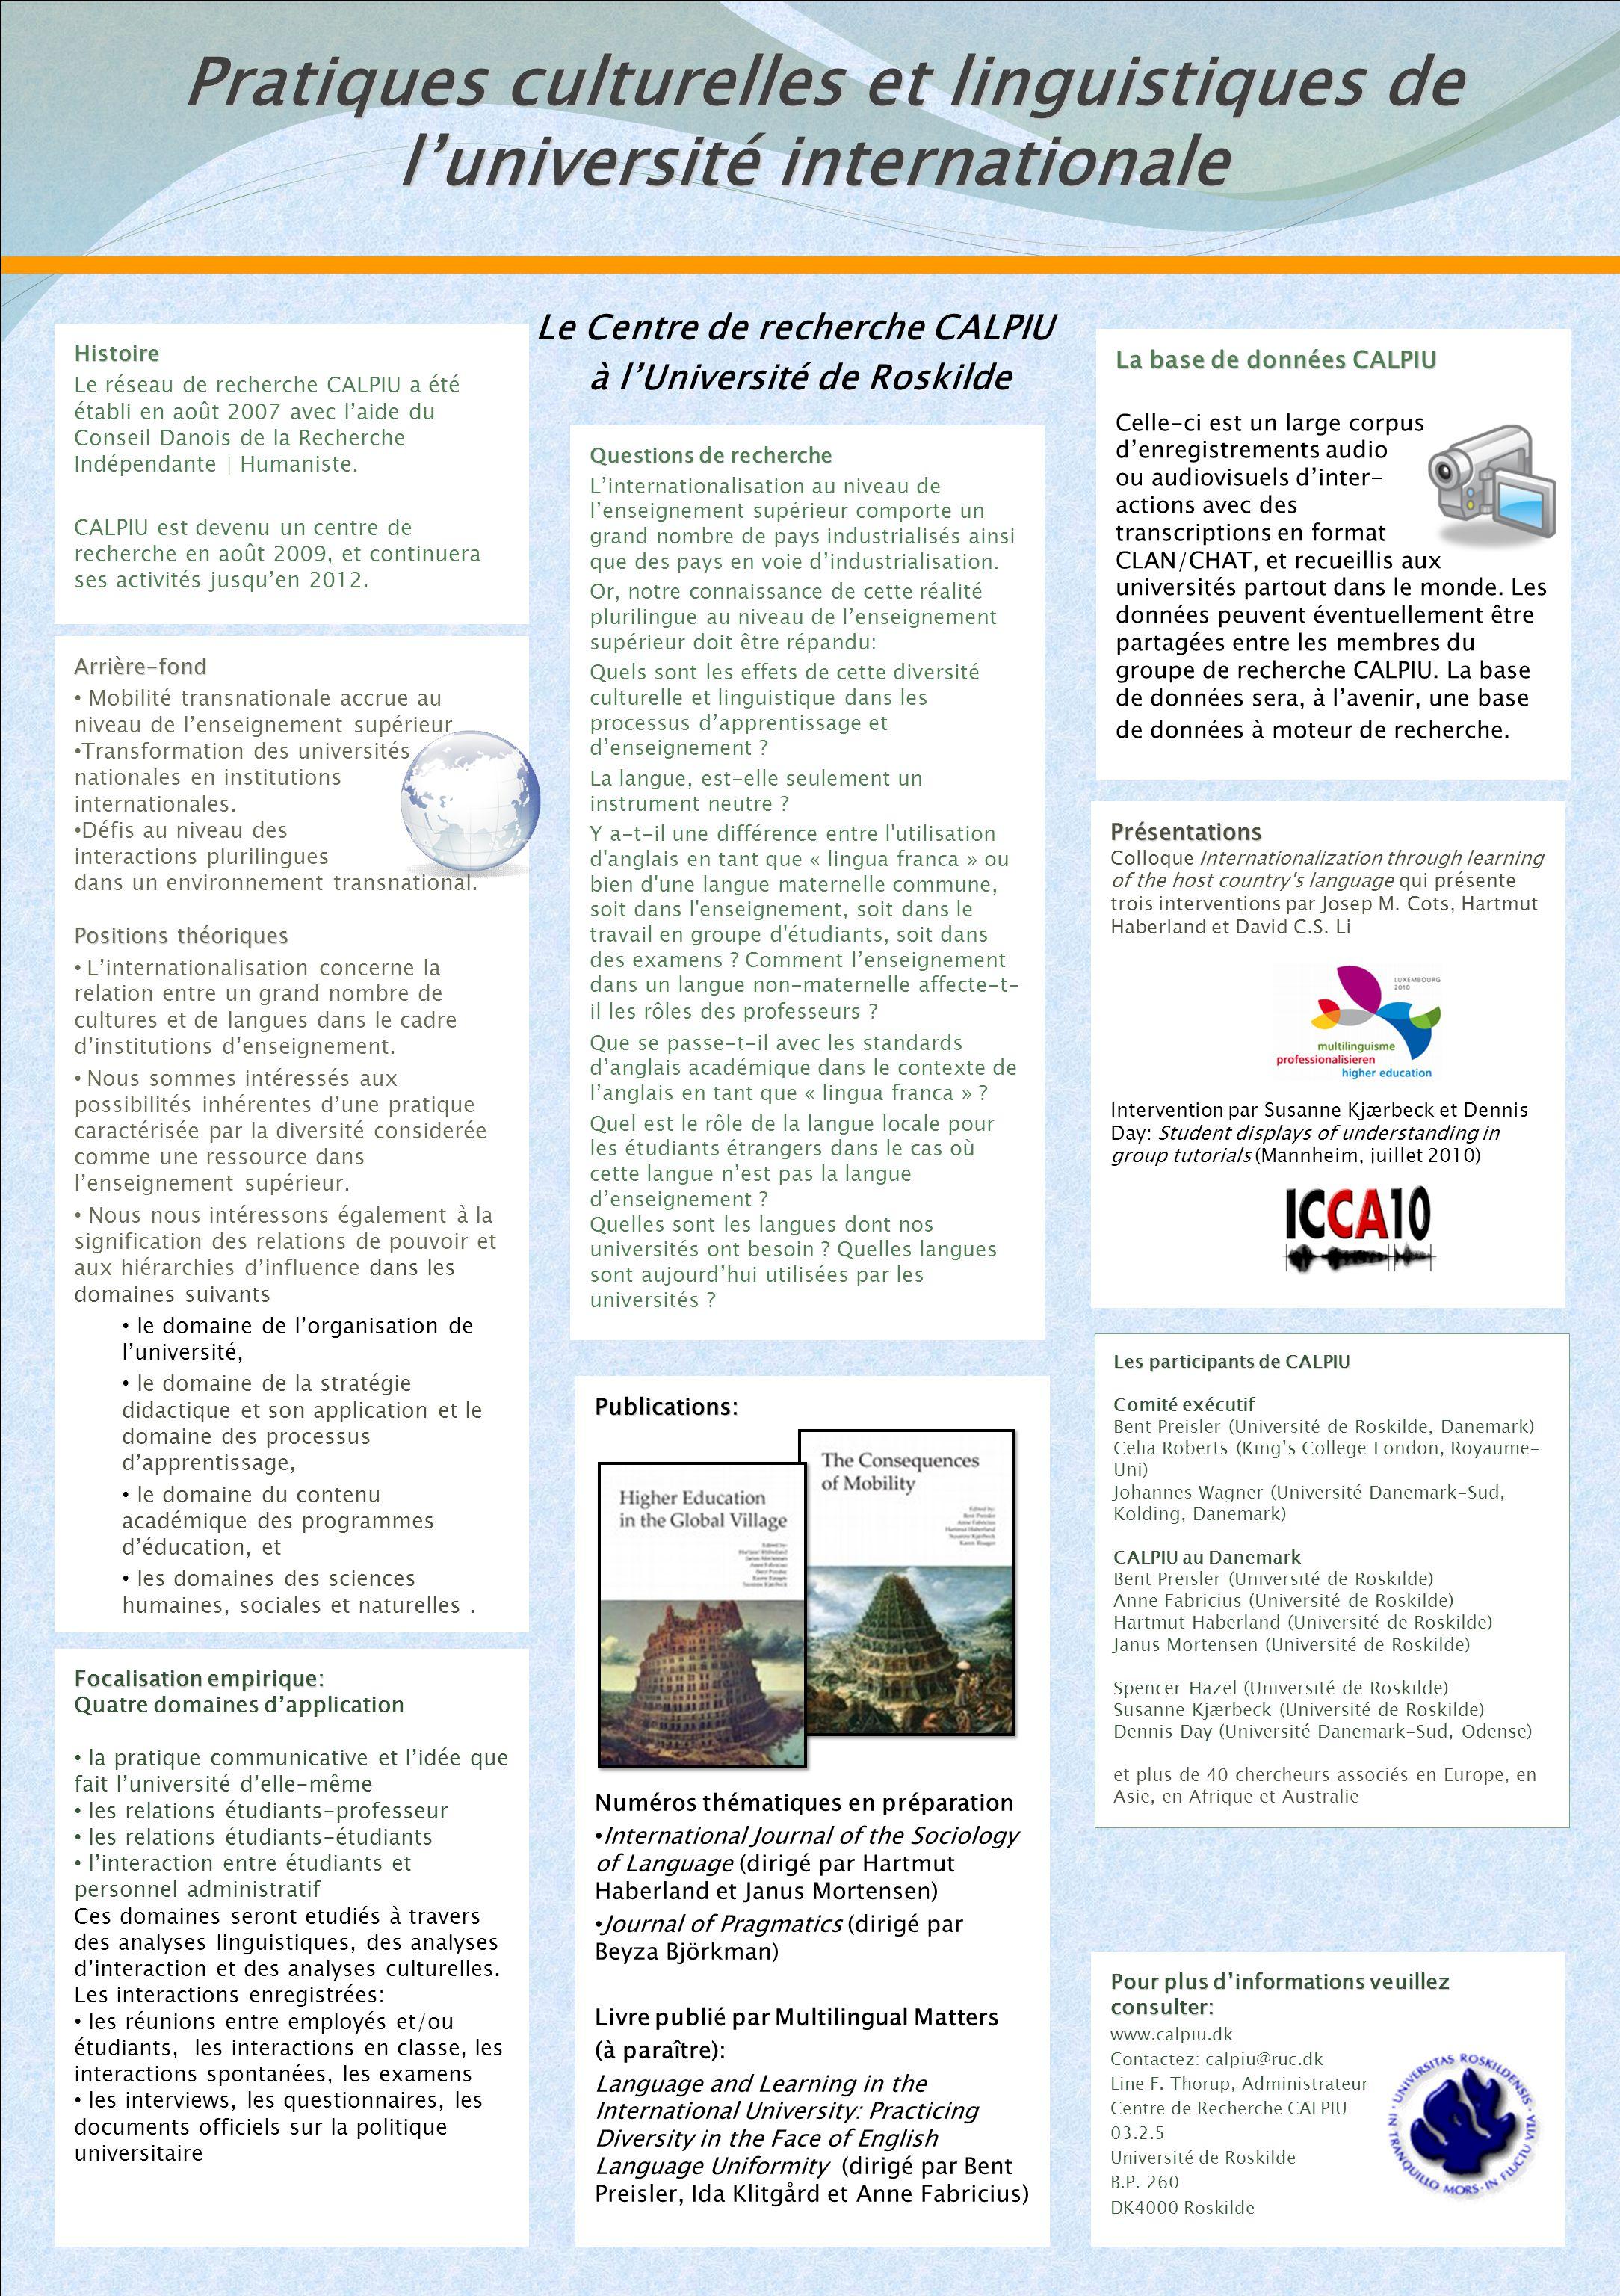 Pratiques culturelles et linguistiques de l'université internationale Pratiques culturelles et linguistiques de l'université internationaleHistoire Le réseau de recherche CALPIU a été établi en août 2007 avec l'aide du Conseil Danois de la Recherche Indépendante | Humaniste.